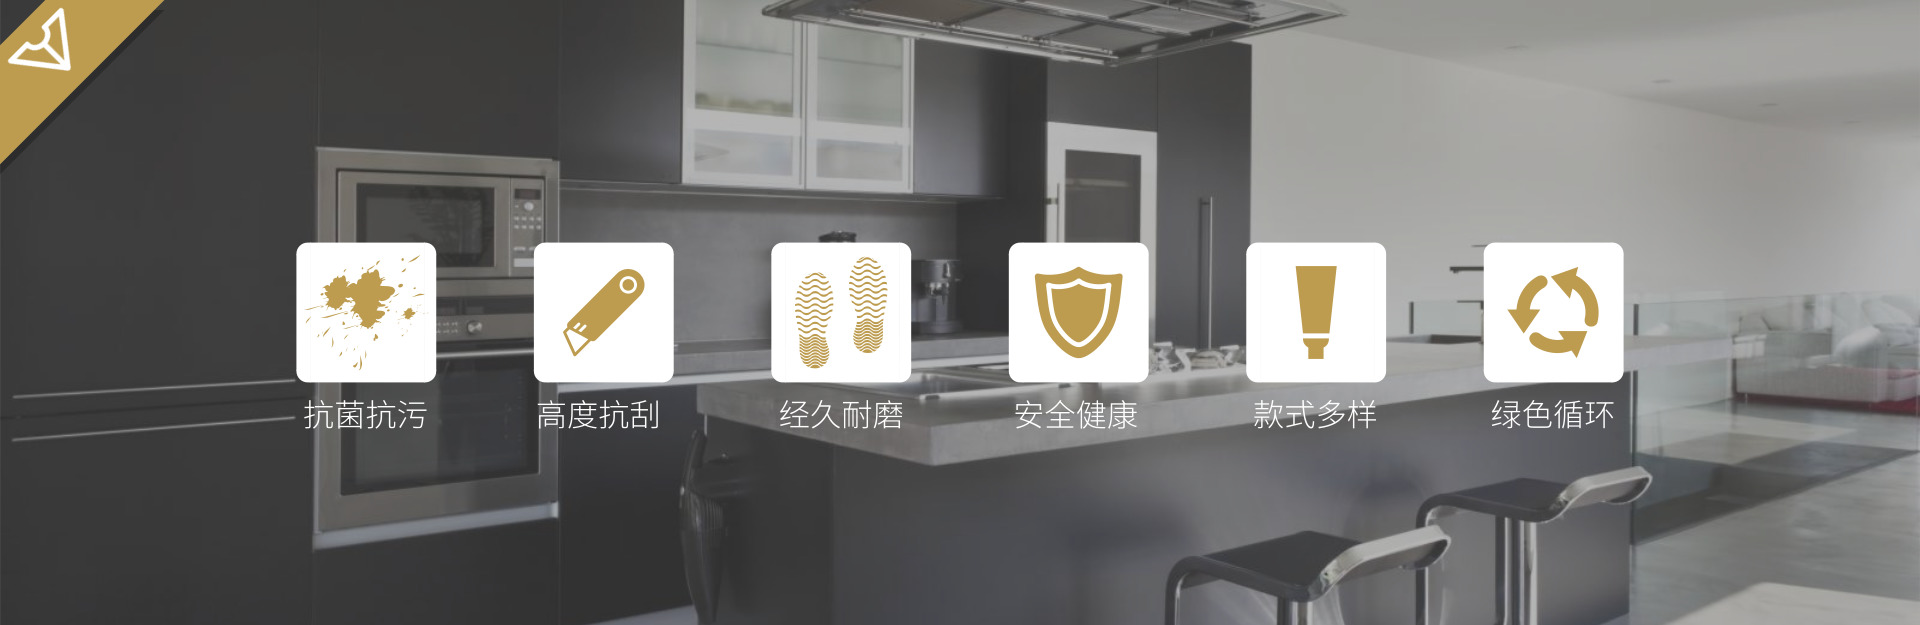 万可石业(上海)有限公司